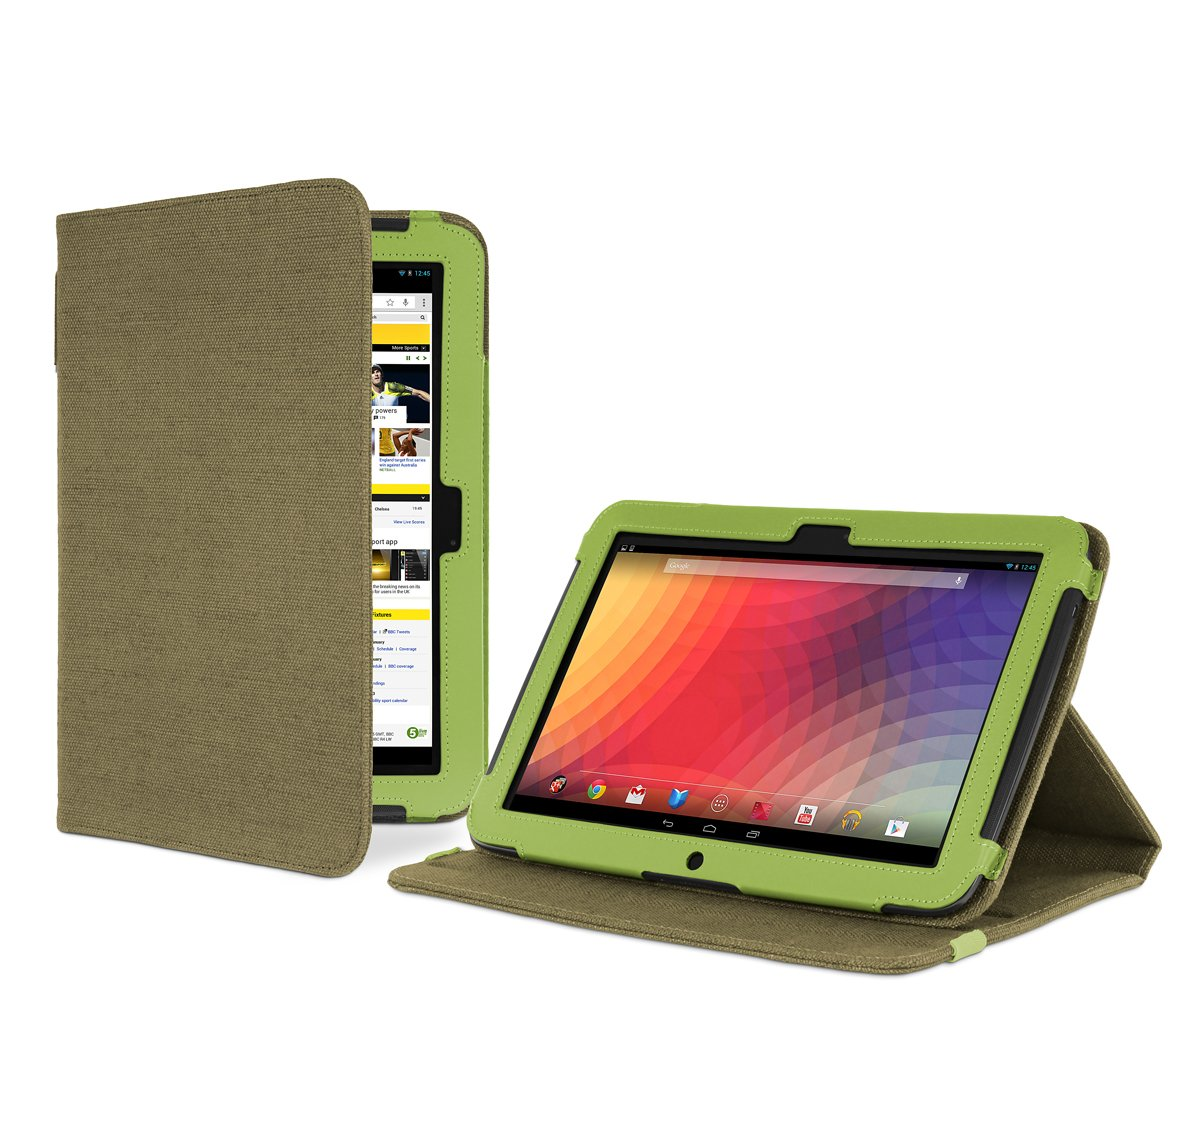 Cover-Up - Funda con función de atril para Google Nexus 10 (cáñamo, función de apagado y suspensión automática), color verde  Informática Comentarios y más información